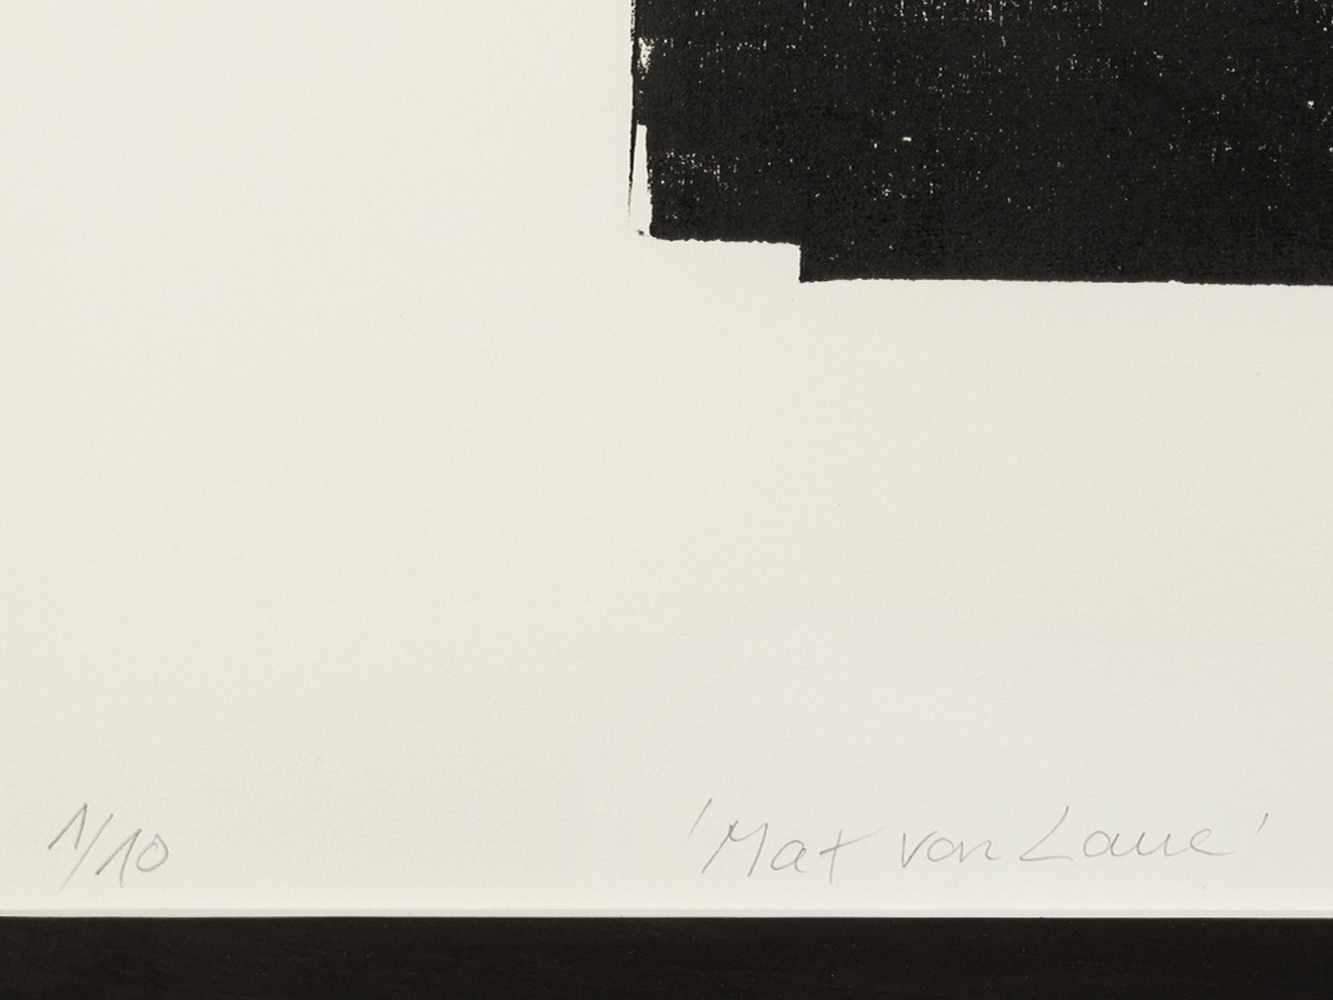 Matthias Mansen (b. 1958), Max von Laue, Woodcut, 1999 - Image 3 of 7